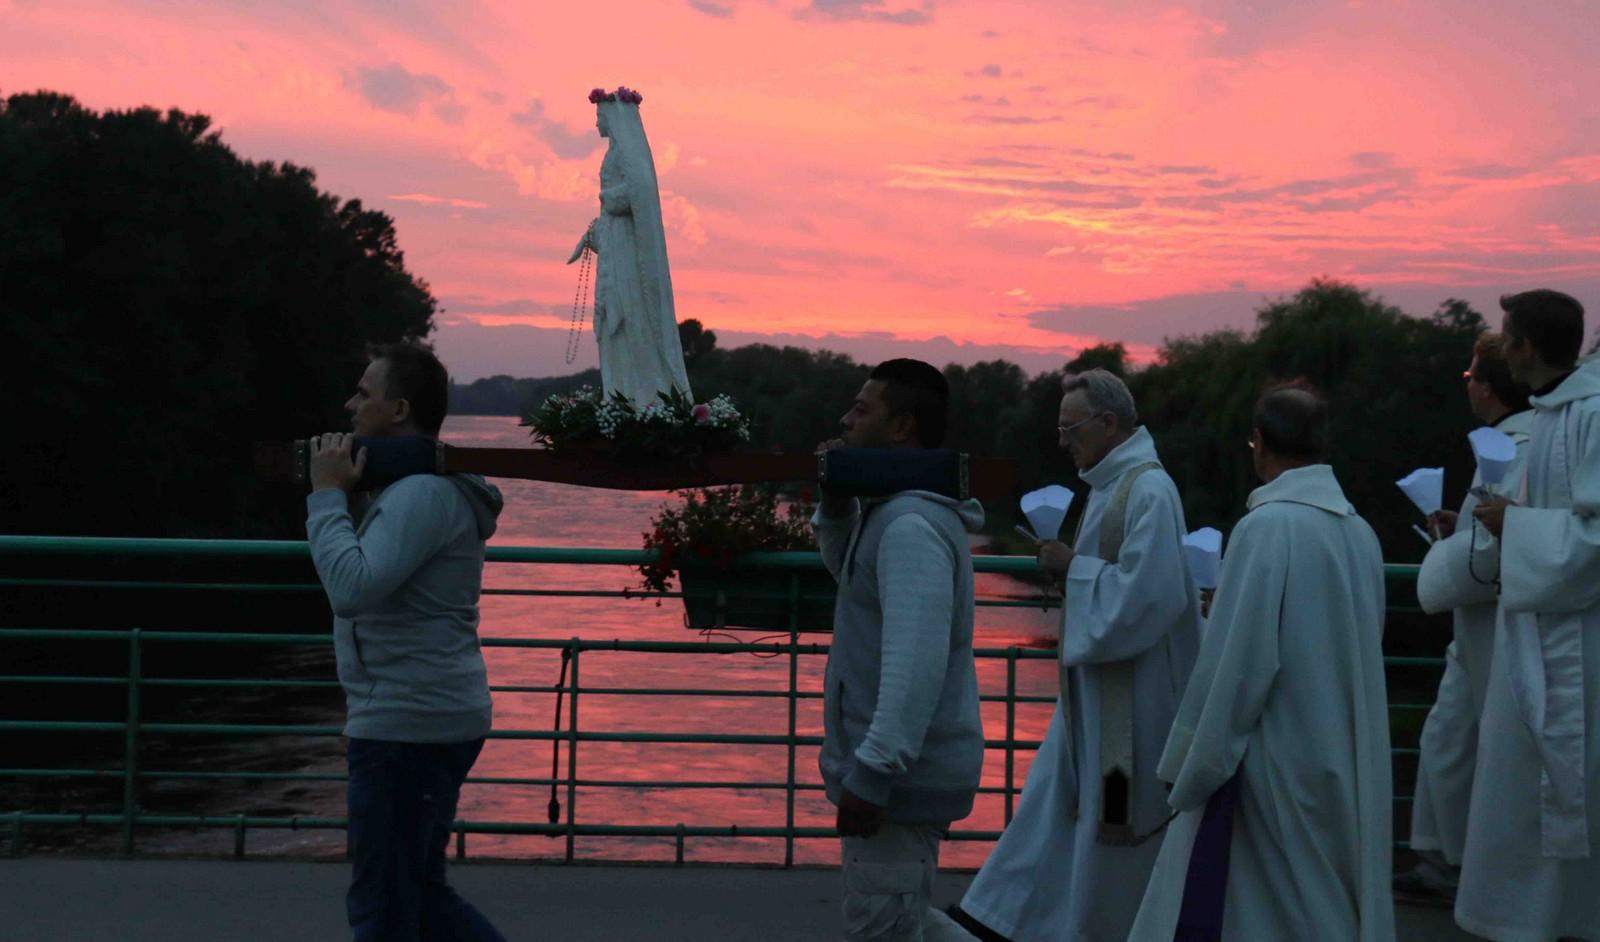 Aparición Aprobada: Nuestra Señora de la Oración, Francia (8 de diciembre)